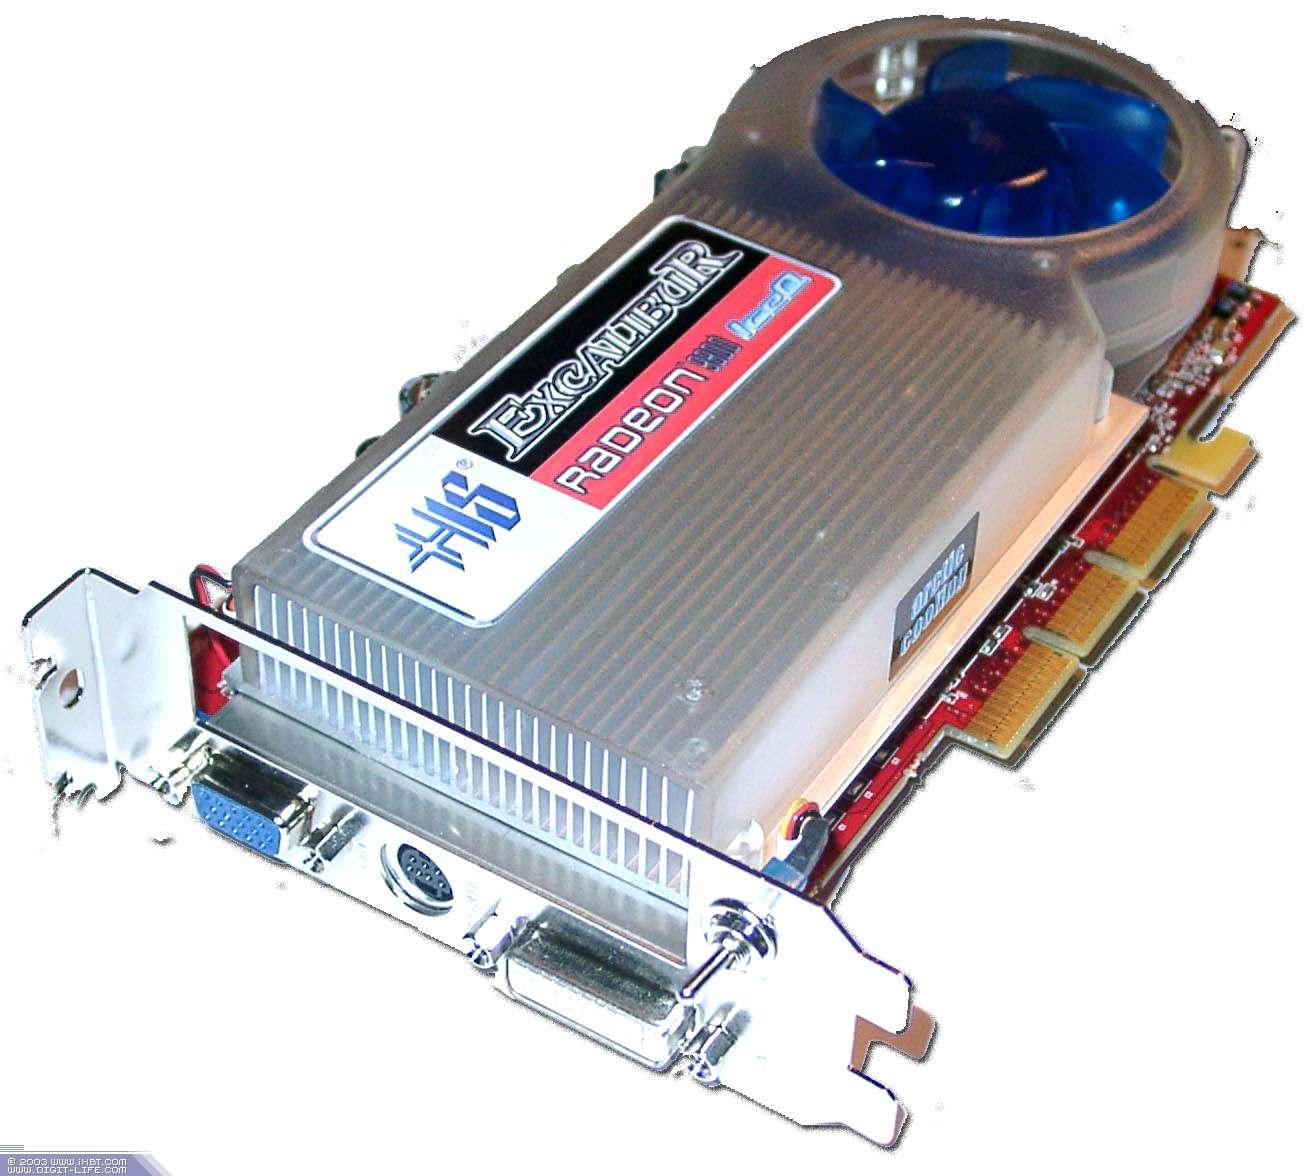 December 2004 3Digest ATI RADEON 9800 Pro 128MB 380 680 MHz